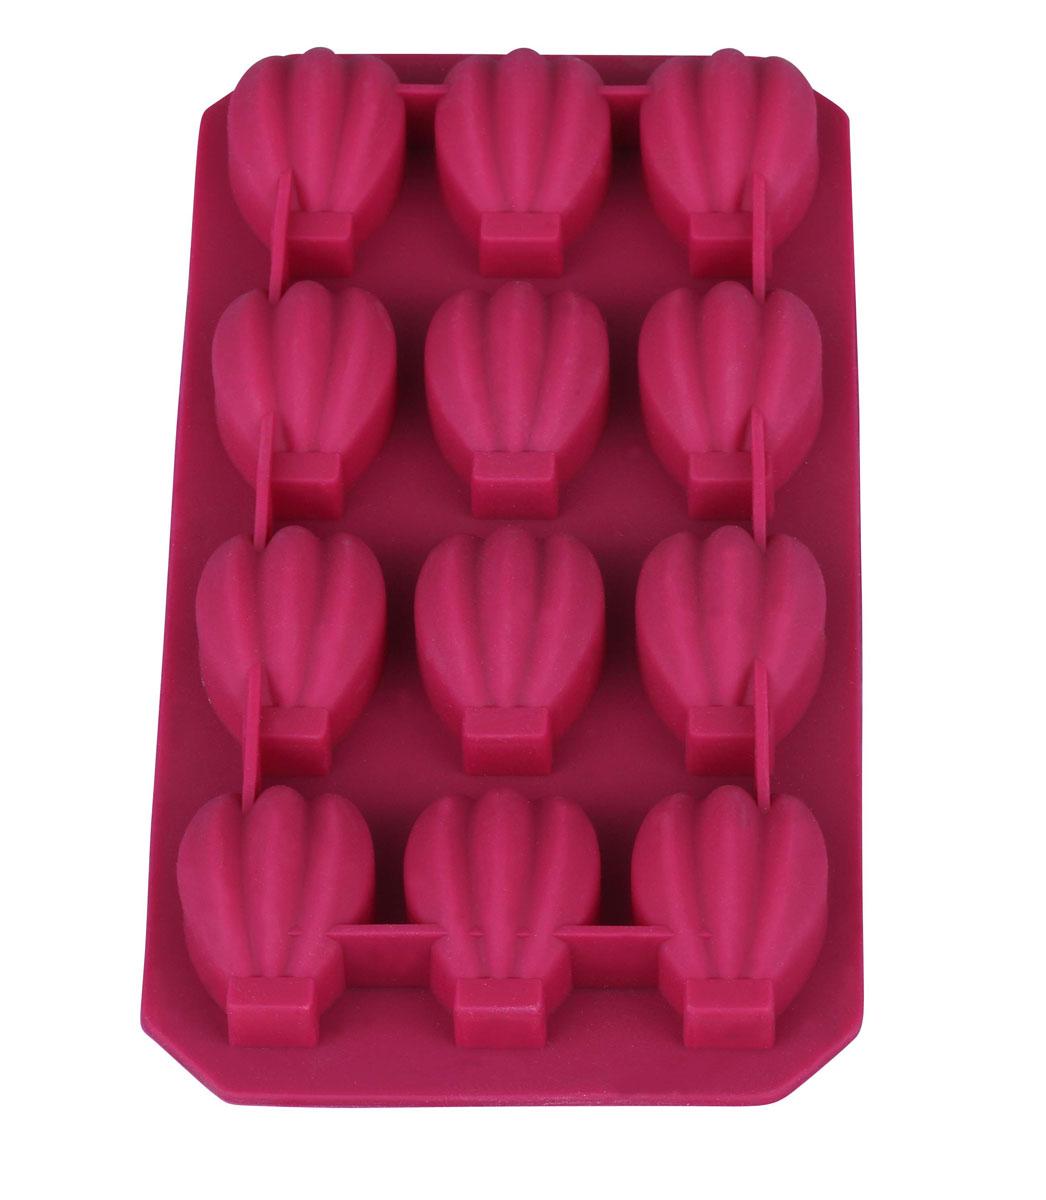 Форма для льда Bekker Орешки, силиконовая, цвет: вишневый, 12 ячеекFS-91909Форма для льда Bekker Орешки выполнена из силикона. На одном листе расположены 12 формочек в виде орешков. Благодаря тому, что формочки изготовлены из силикона, готовый лед вынимать легко и просто. Чтобы достать льдинки, эту форму не нужно держать под теплой водой или использовать нож.Теперь на смену традиционным квадратным пришли новые оригинальные формы для приготовления фигурного льда, которыми можно не только охладить, но и украсить любой напиток. В формочки при заморозке воды можно помещать ягодки, такие льдинки не только оживят коктейль, но и добавят радостного настроения гостям на празднике. Замораживание до -40 С.Подходит для чистки в посудомоечной машине. Не использовать для чистки абразивными средствами, скребки, щетки.